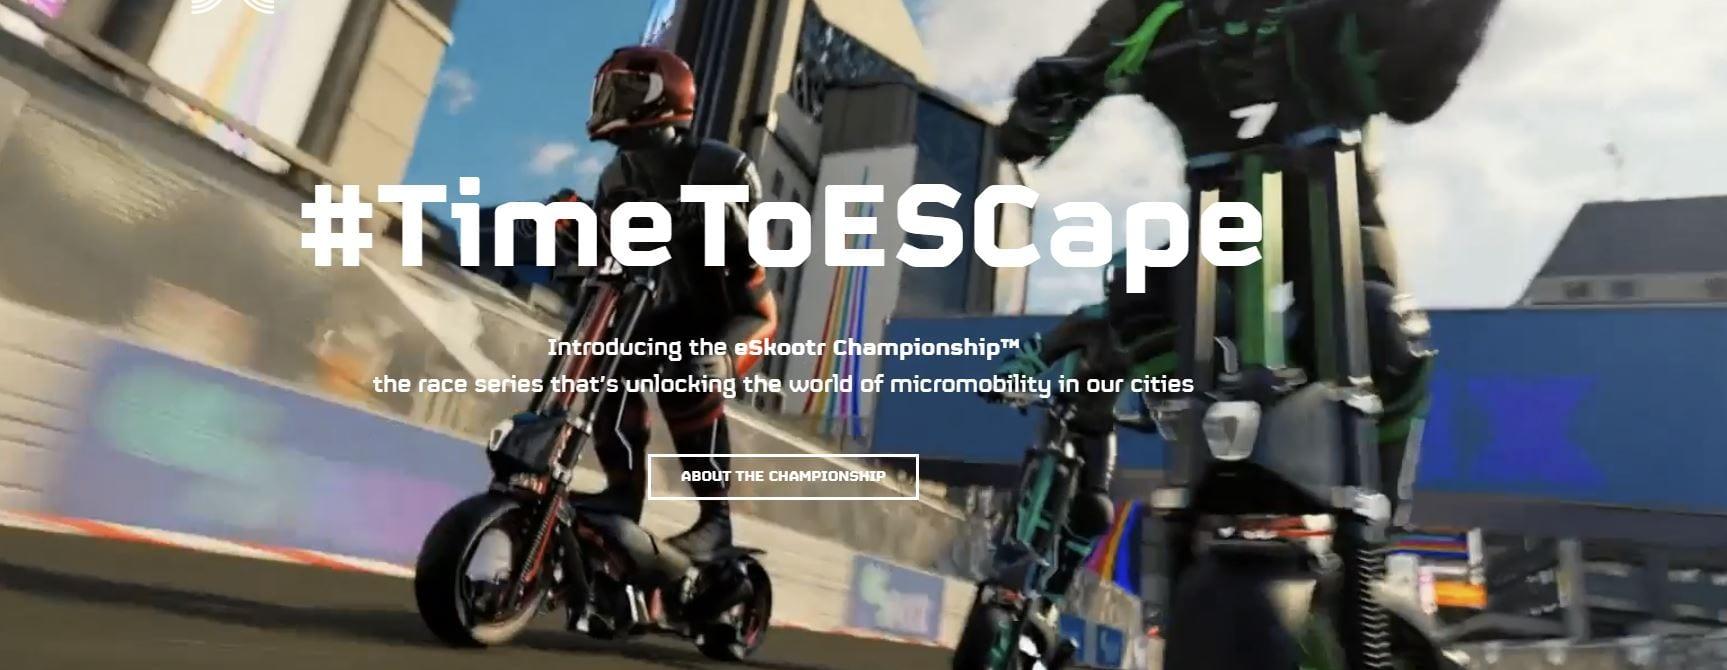 eSkootr Championship: i monopattini elettrici sfrecciano a 100Km/h nel primo campionato mondiale